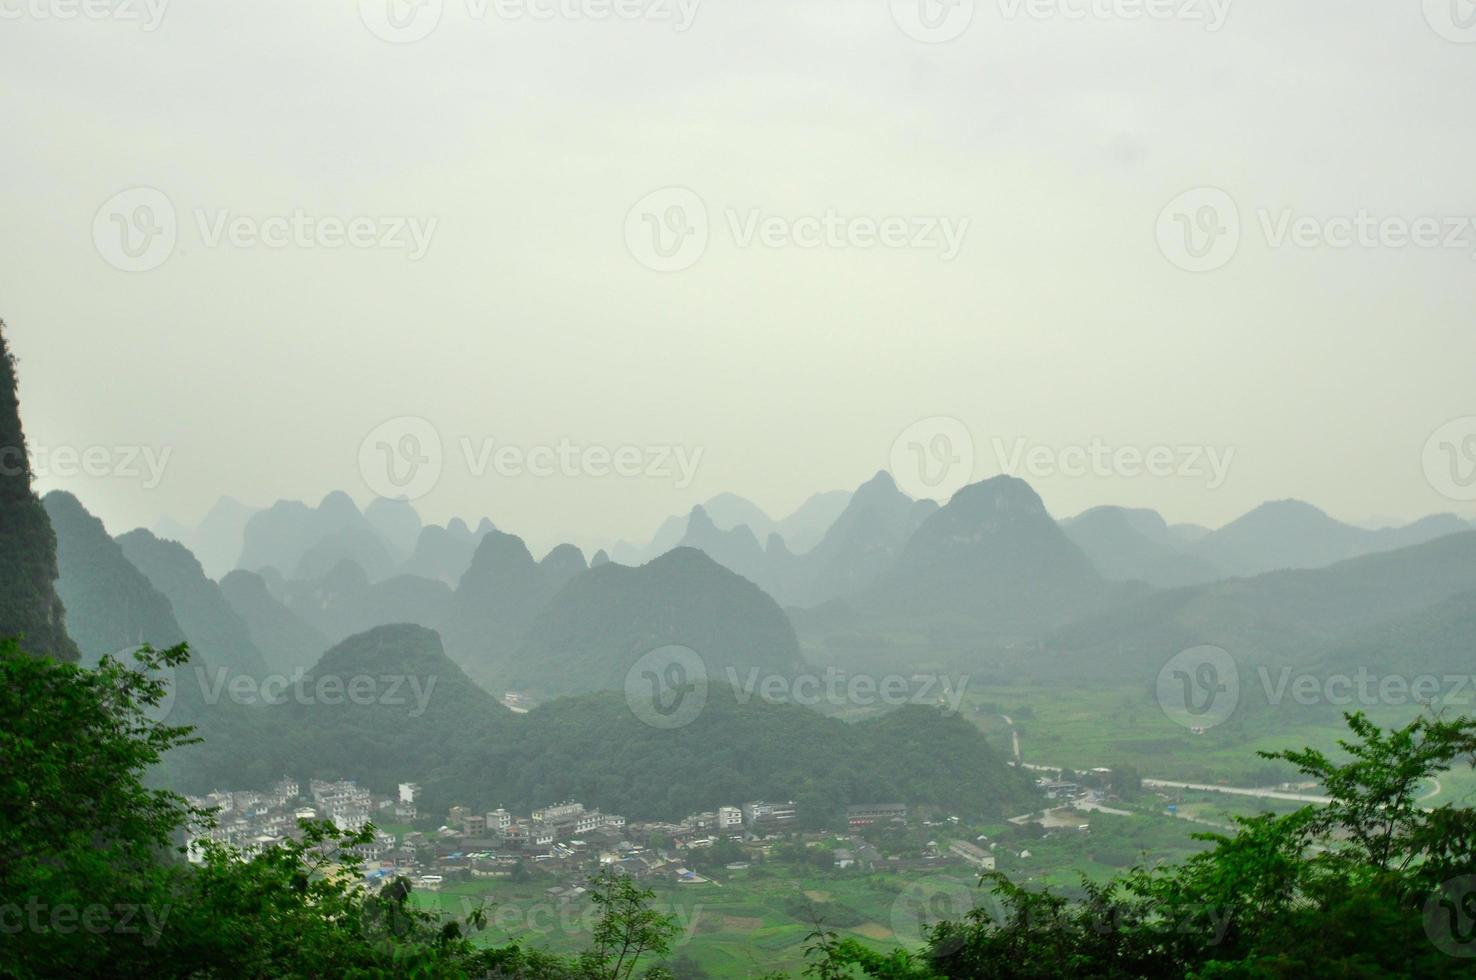 guilin li fiume carsico paesaggio montano a yangshuo foto